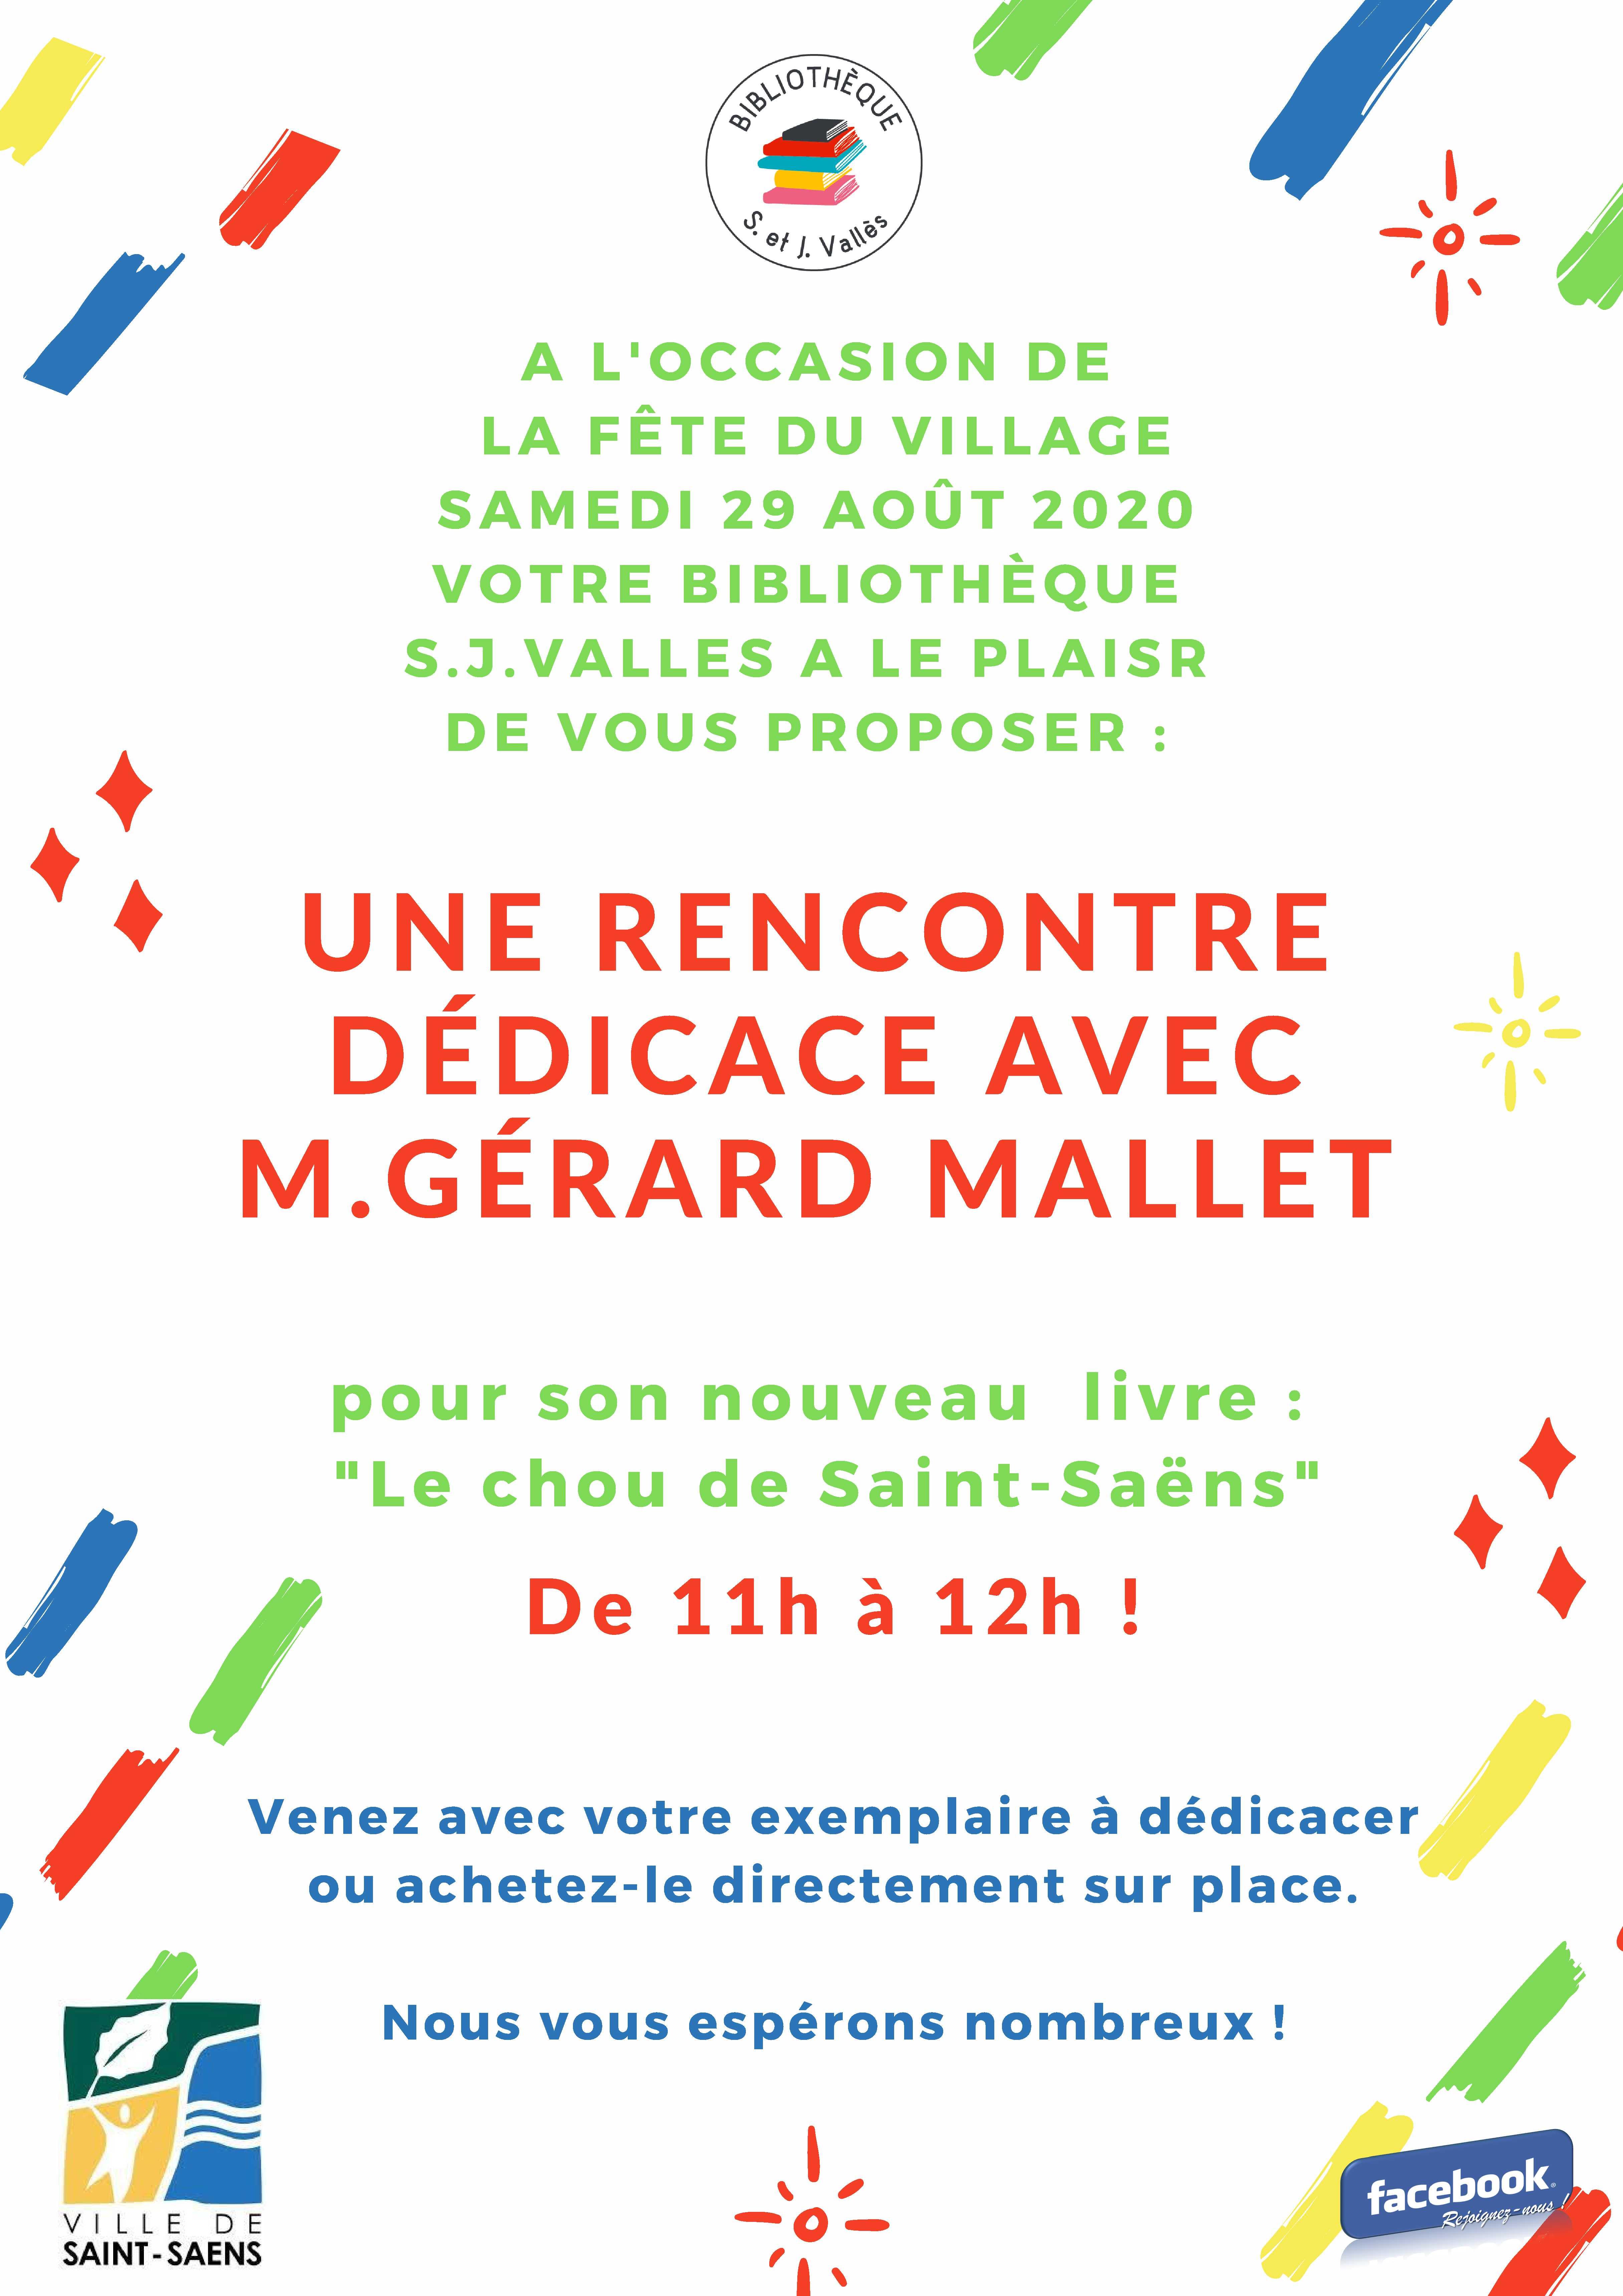 Une rencontre dédicace avec M. Gérard Mallet  